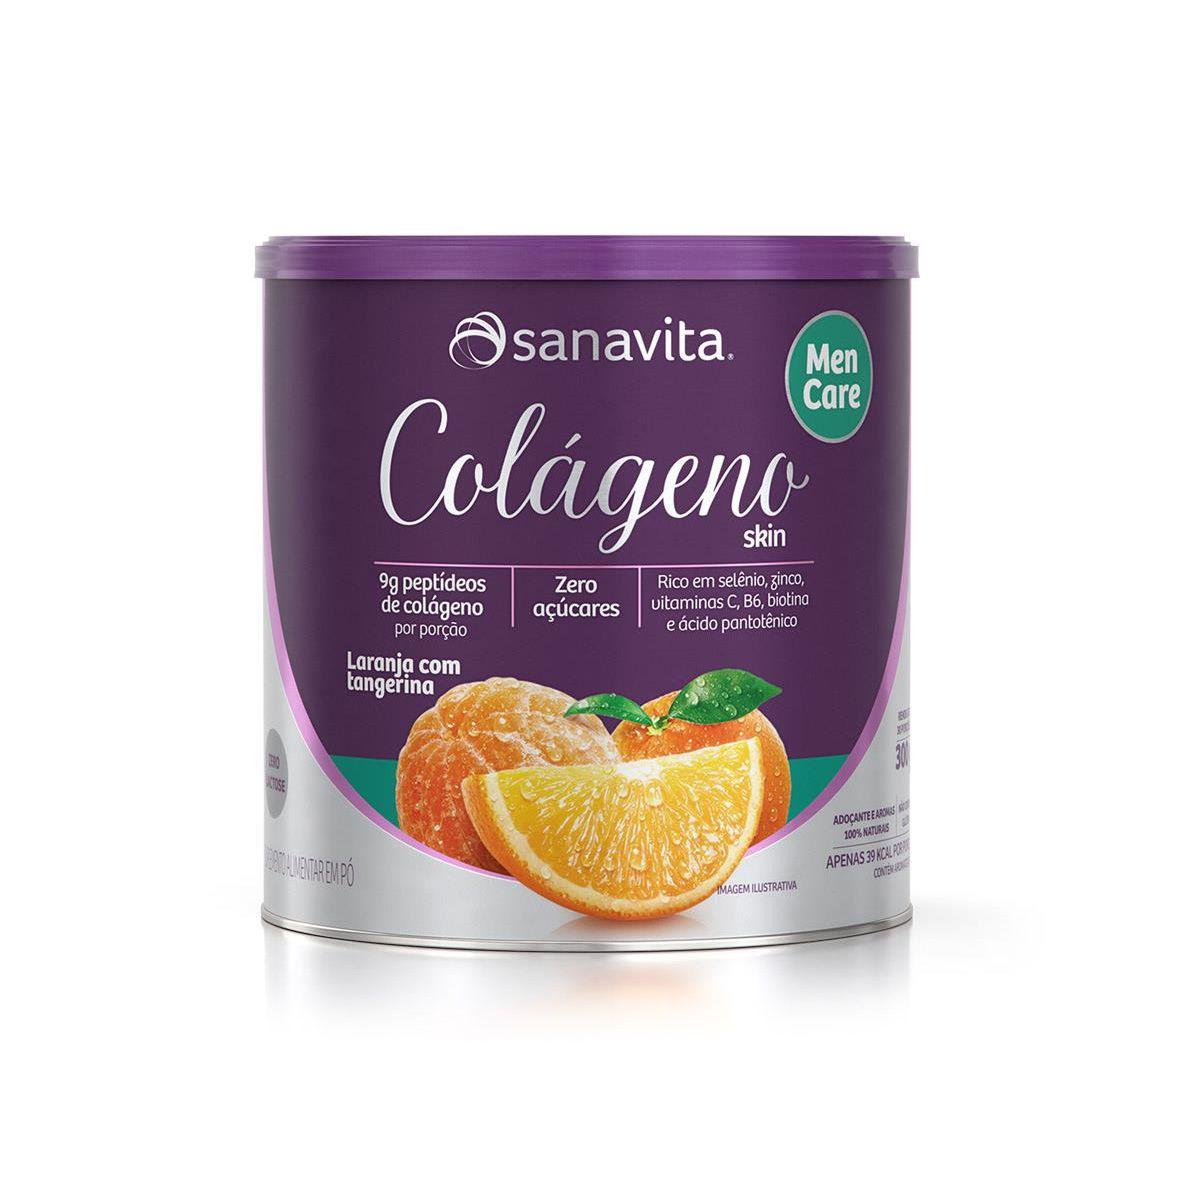 Colageno Skin Men Care - 300g - Sanavita